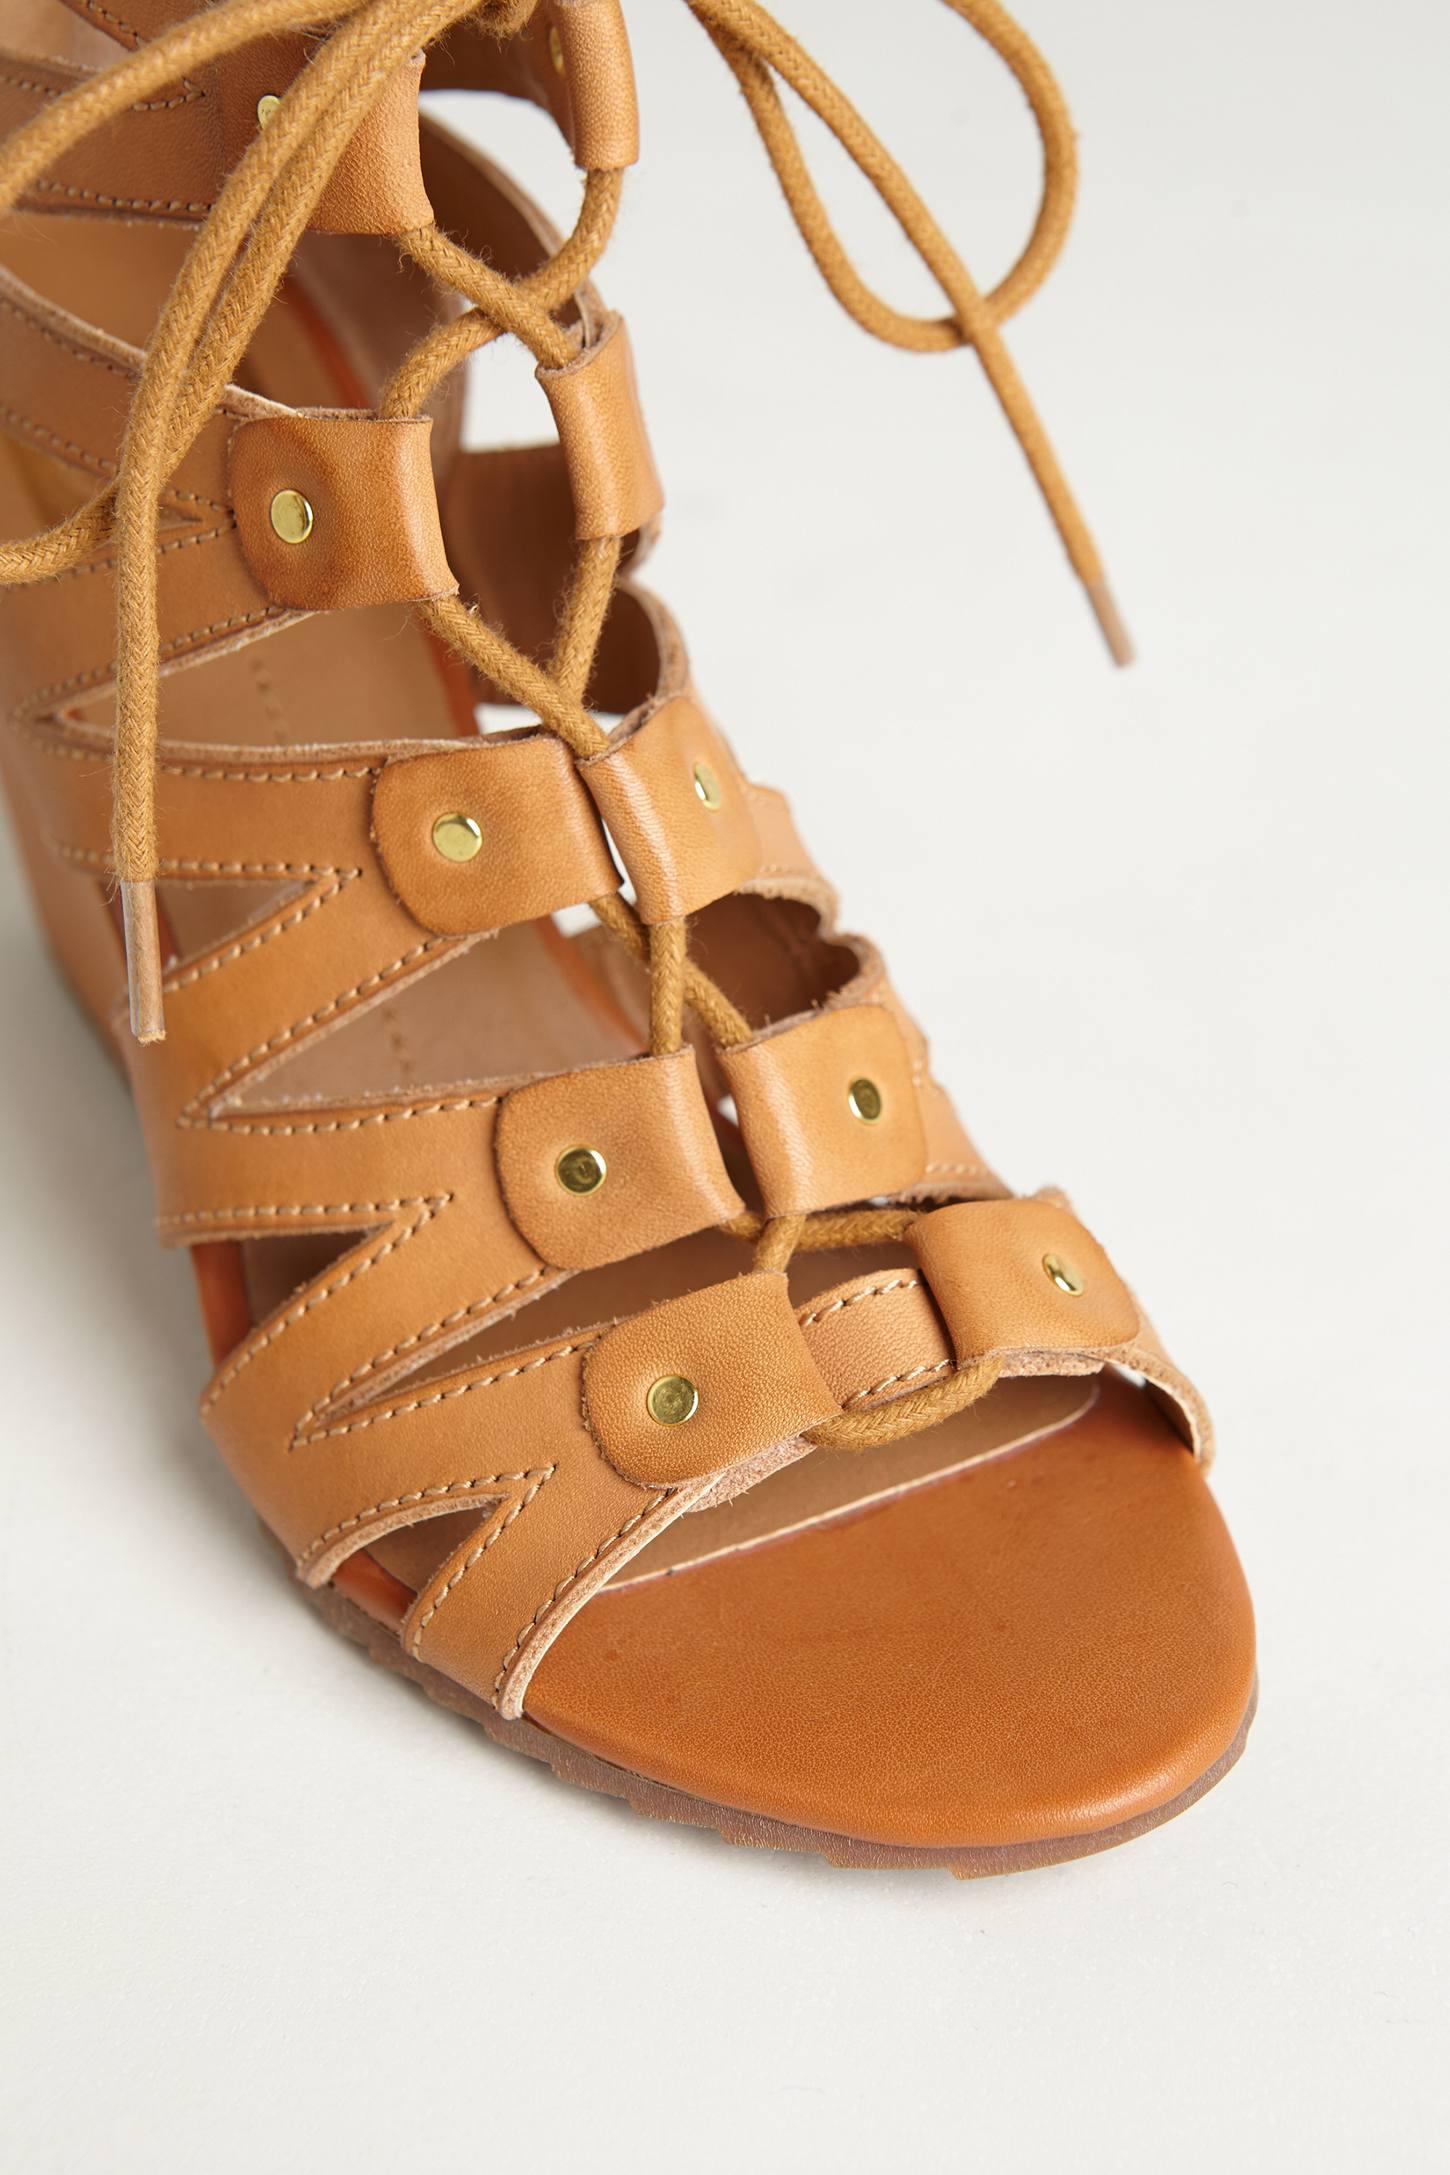 Wedge Sandals Steve Madden Dolce vita Danses Sand...